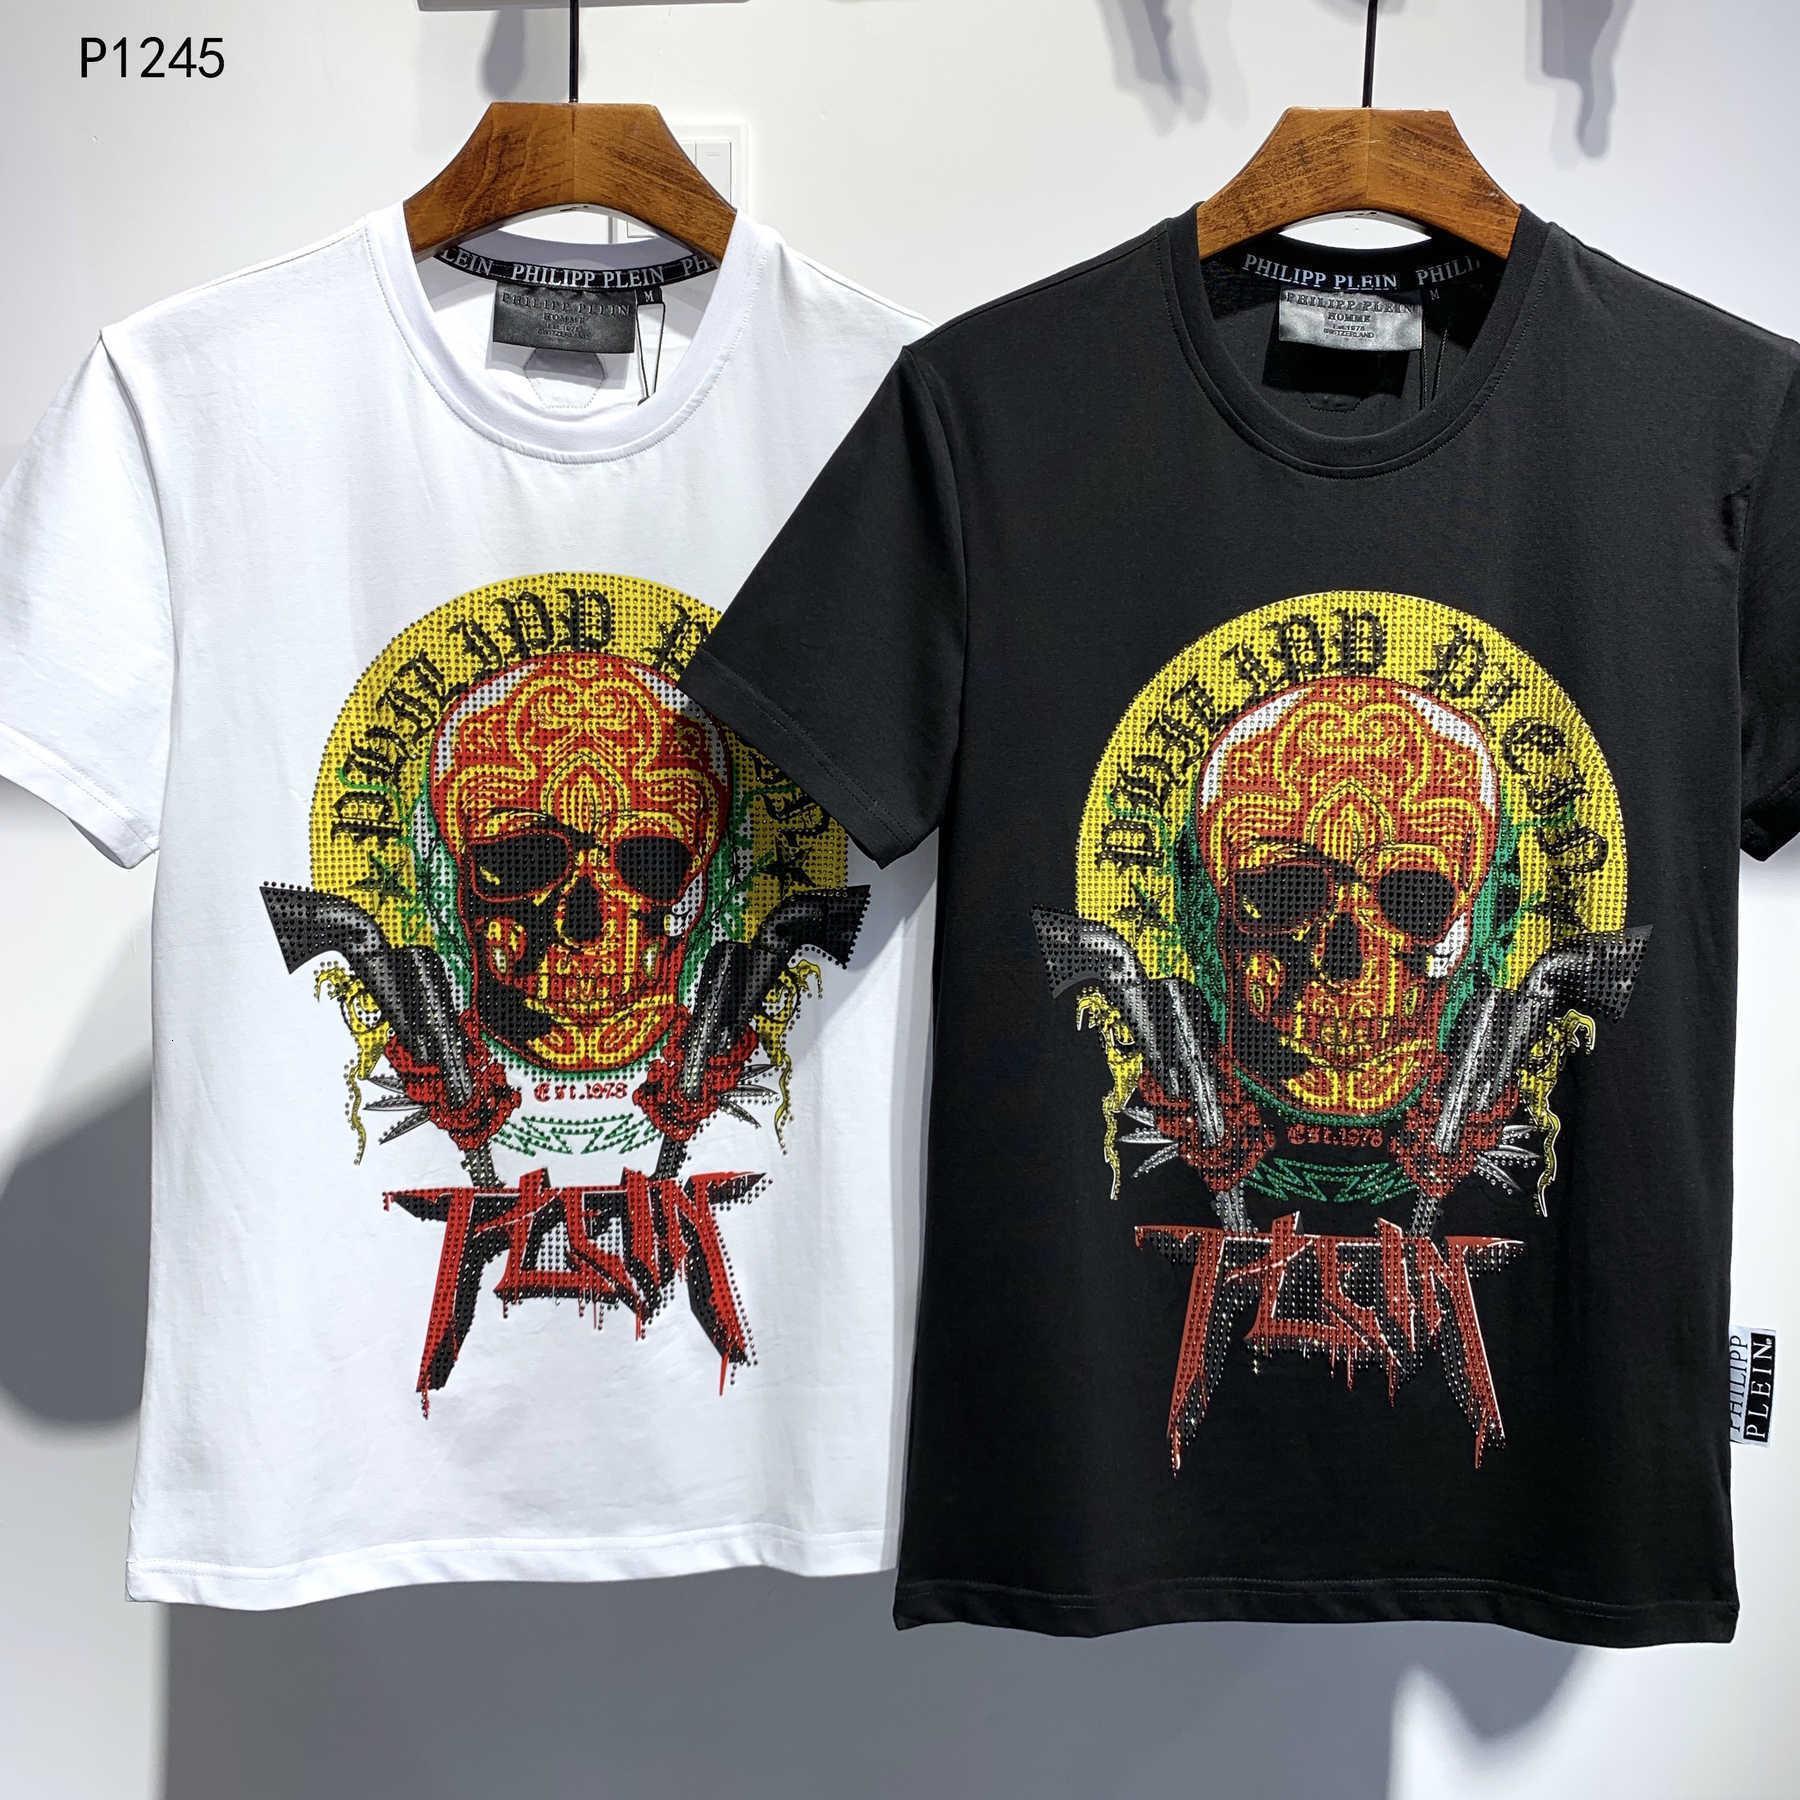 """L'arrivée de nouveaux 2020 été mens T-shirts manches courtes impression de qualité supérieure T-shirt 20191123-y3487 # * # 72313 """"p1245 *"""